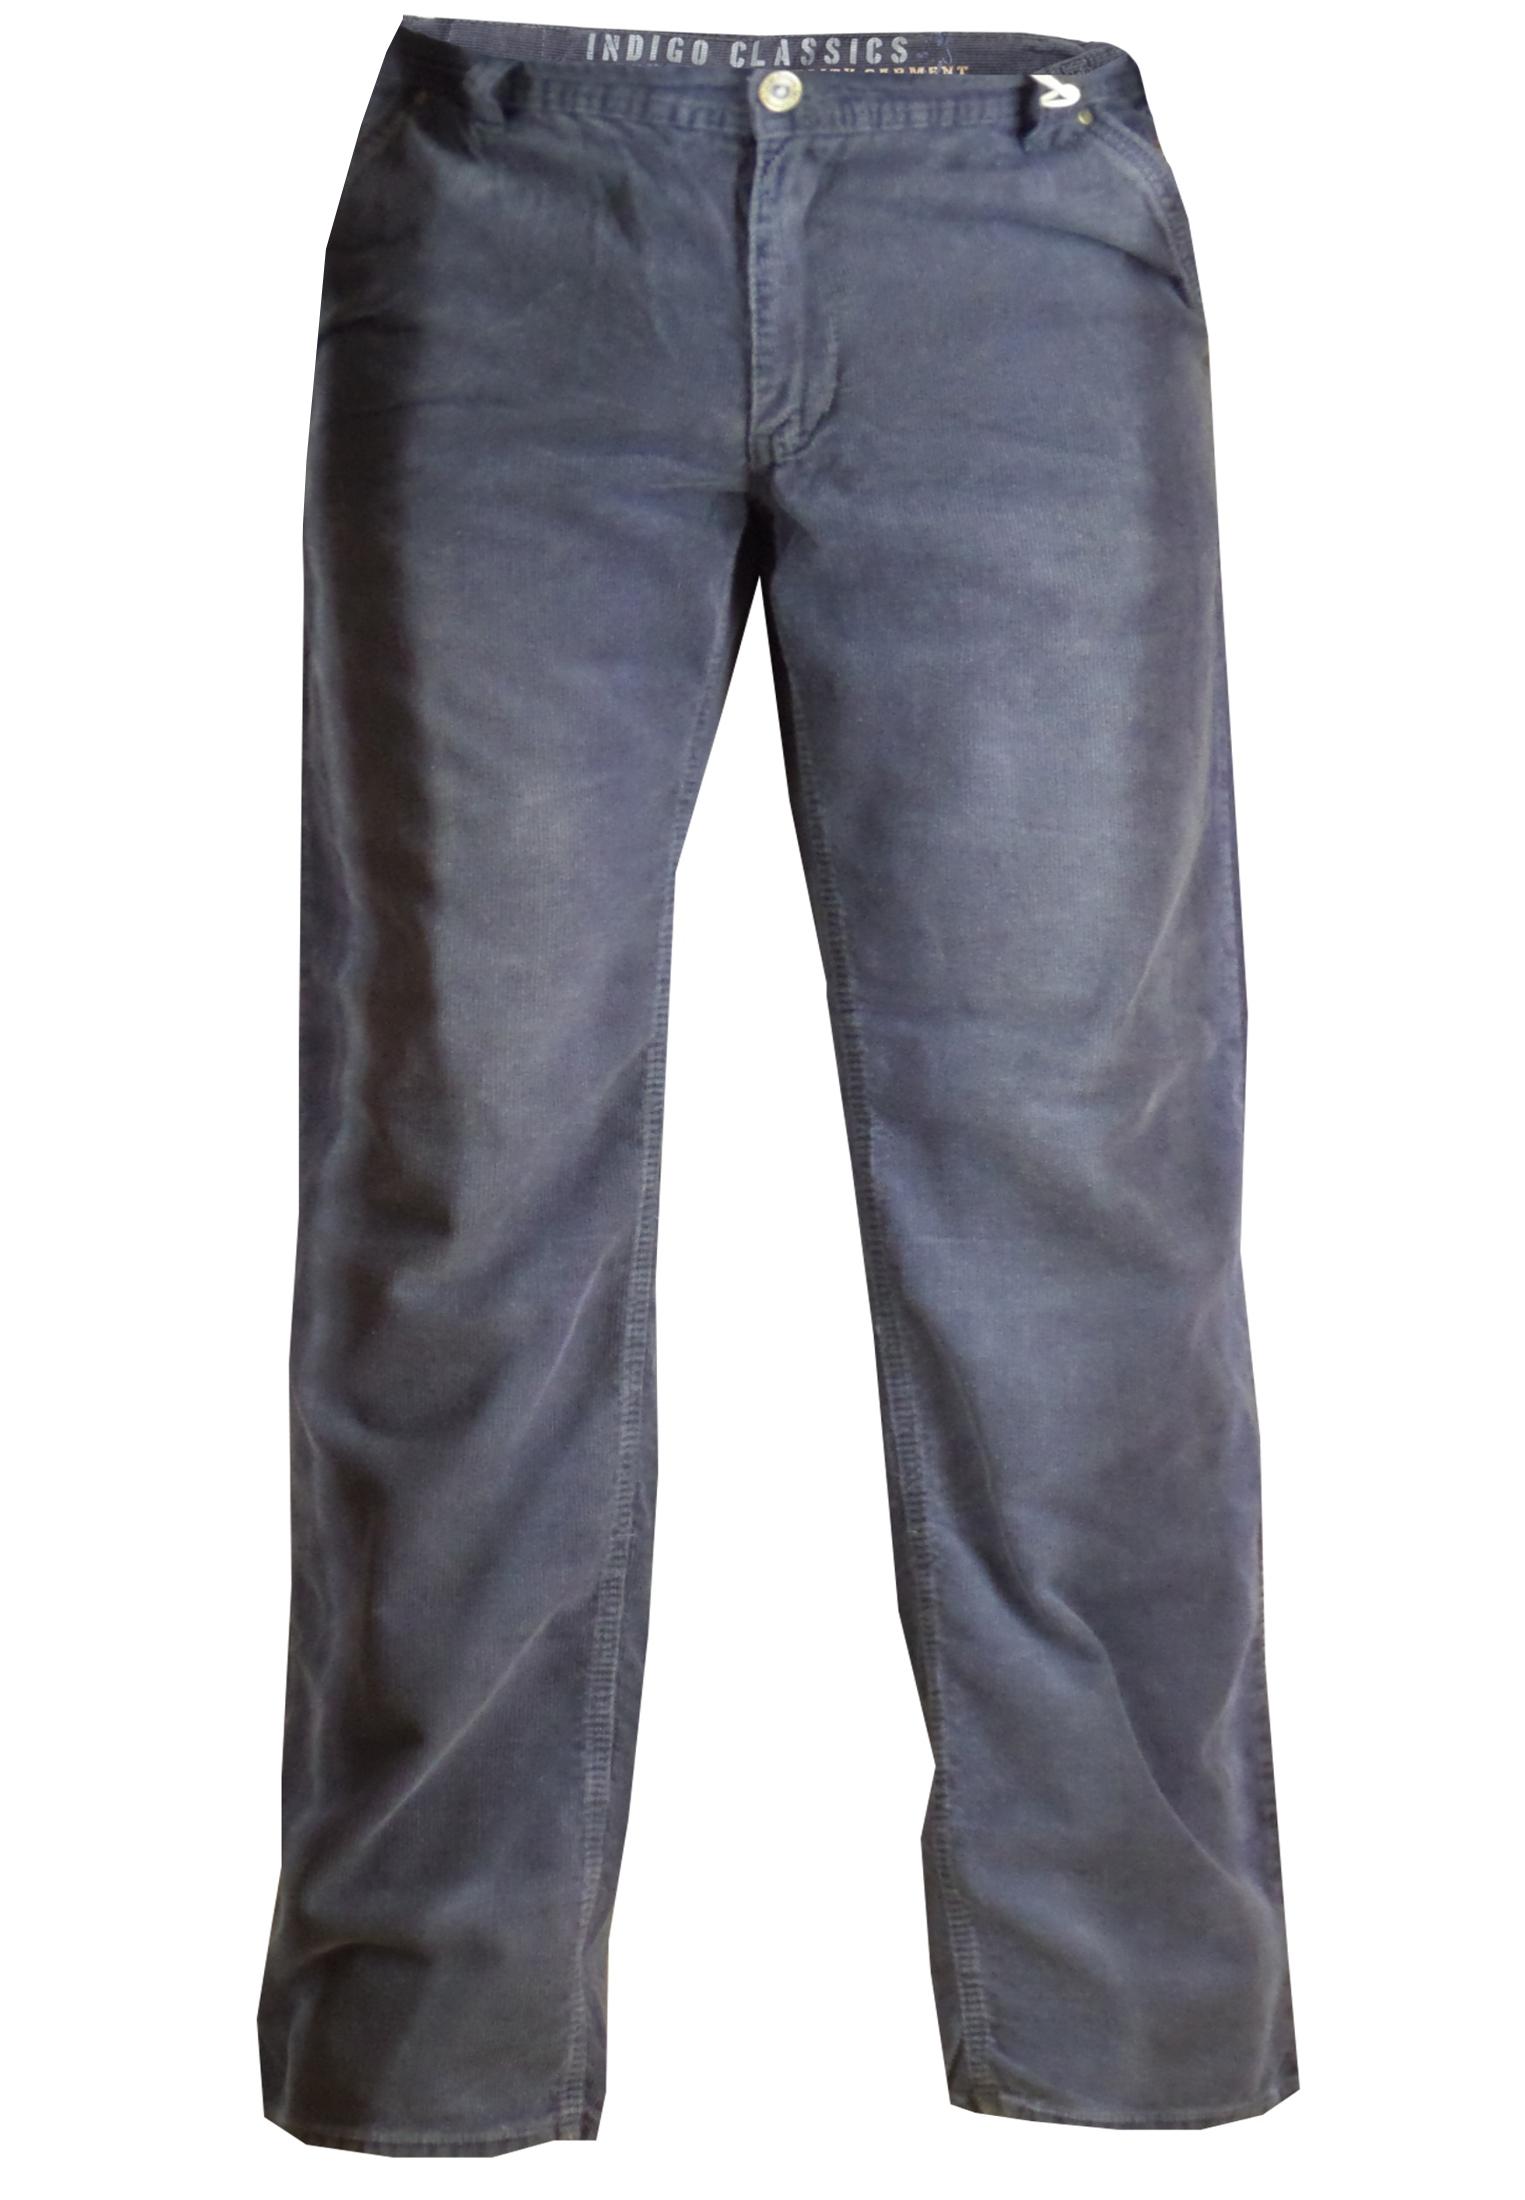 Greyes corduroybroek met ritssluiting en knoop, tailleband met riemlussen, 2 steekzakken voor en 2 achterzakken.